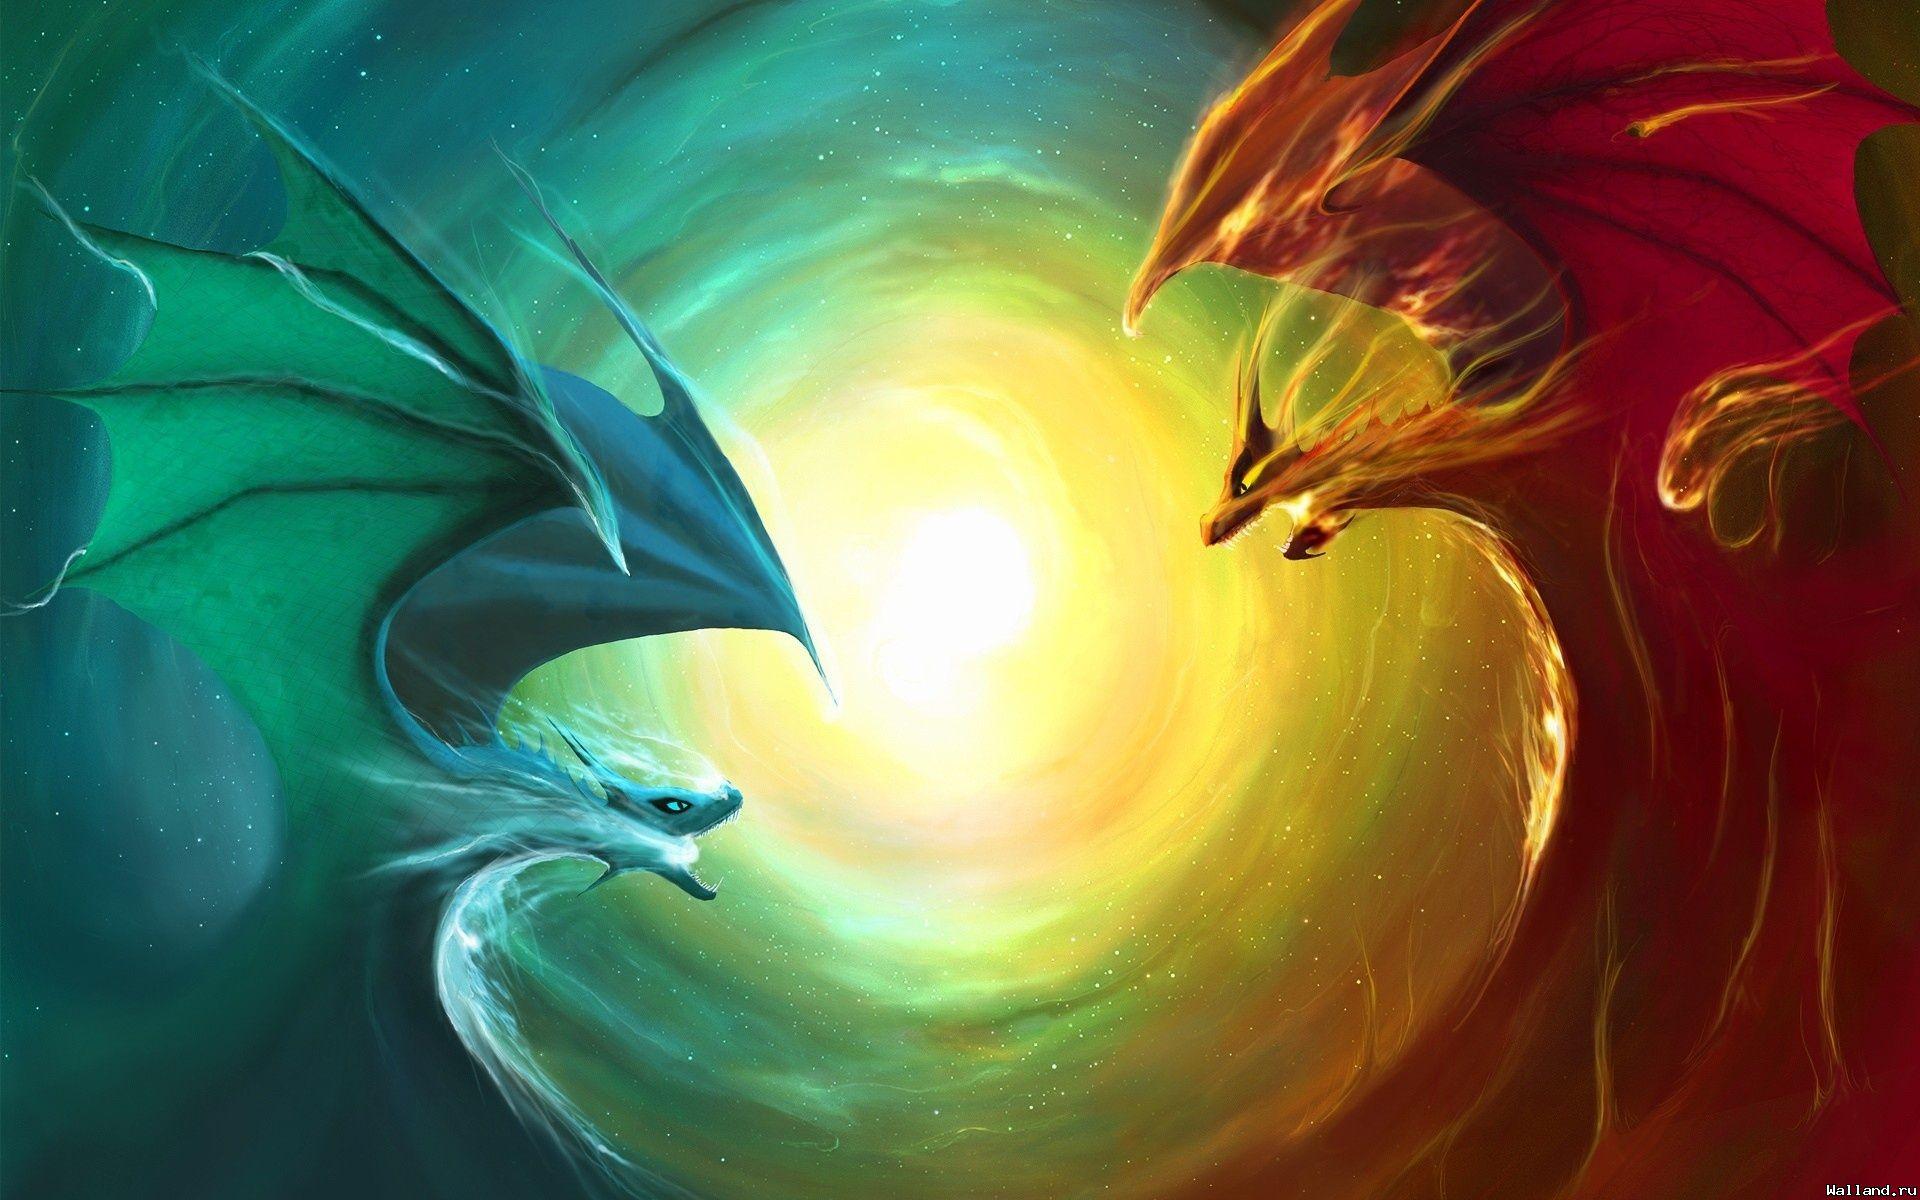 fire and ice, обои для рабочего стола, драконы, фото, рисунок